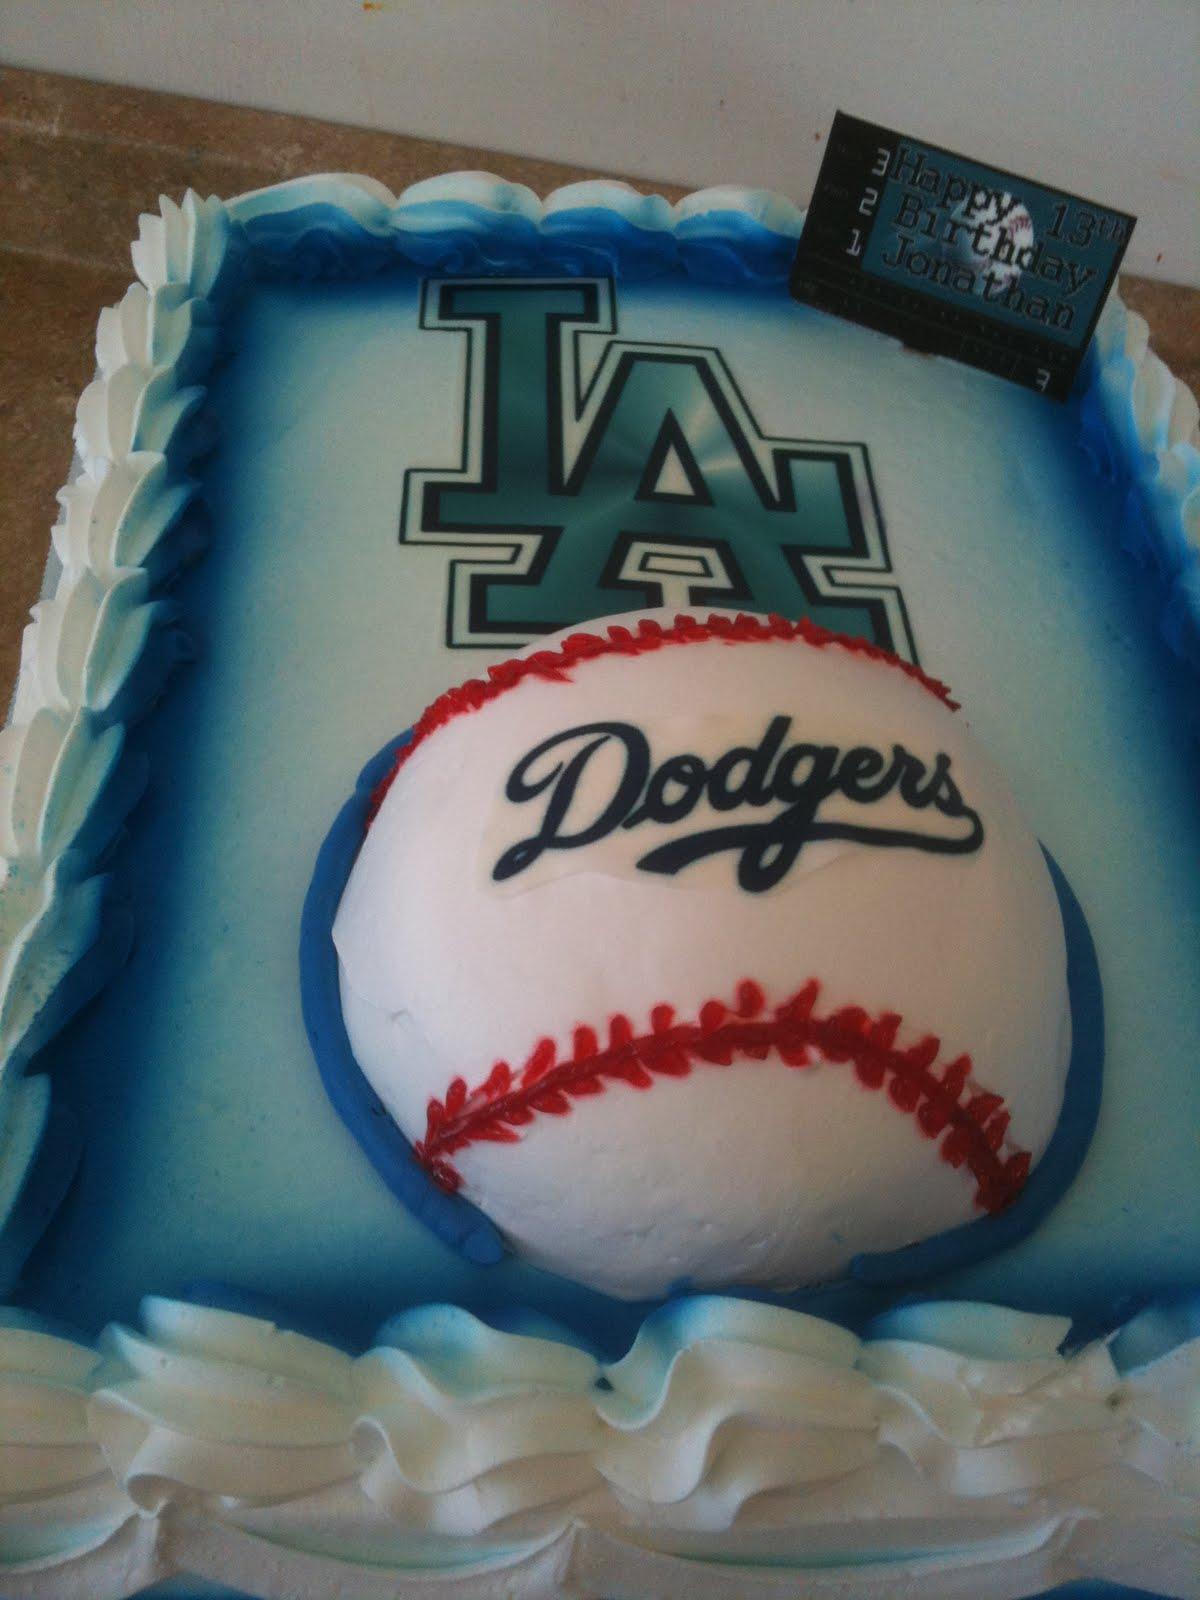 Pin Dodgers Baseball Aseball Stadium Cake on Pinterest